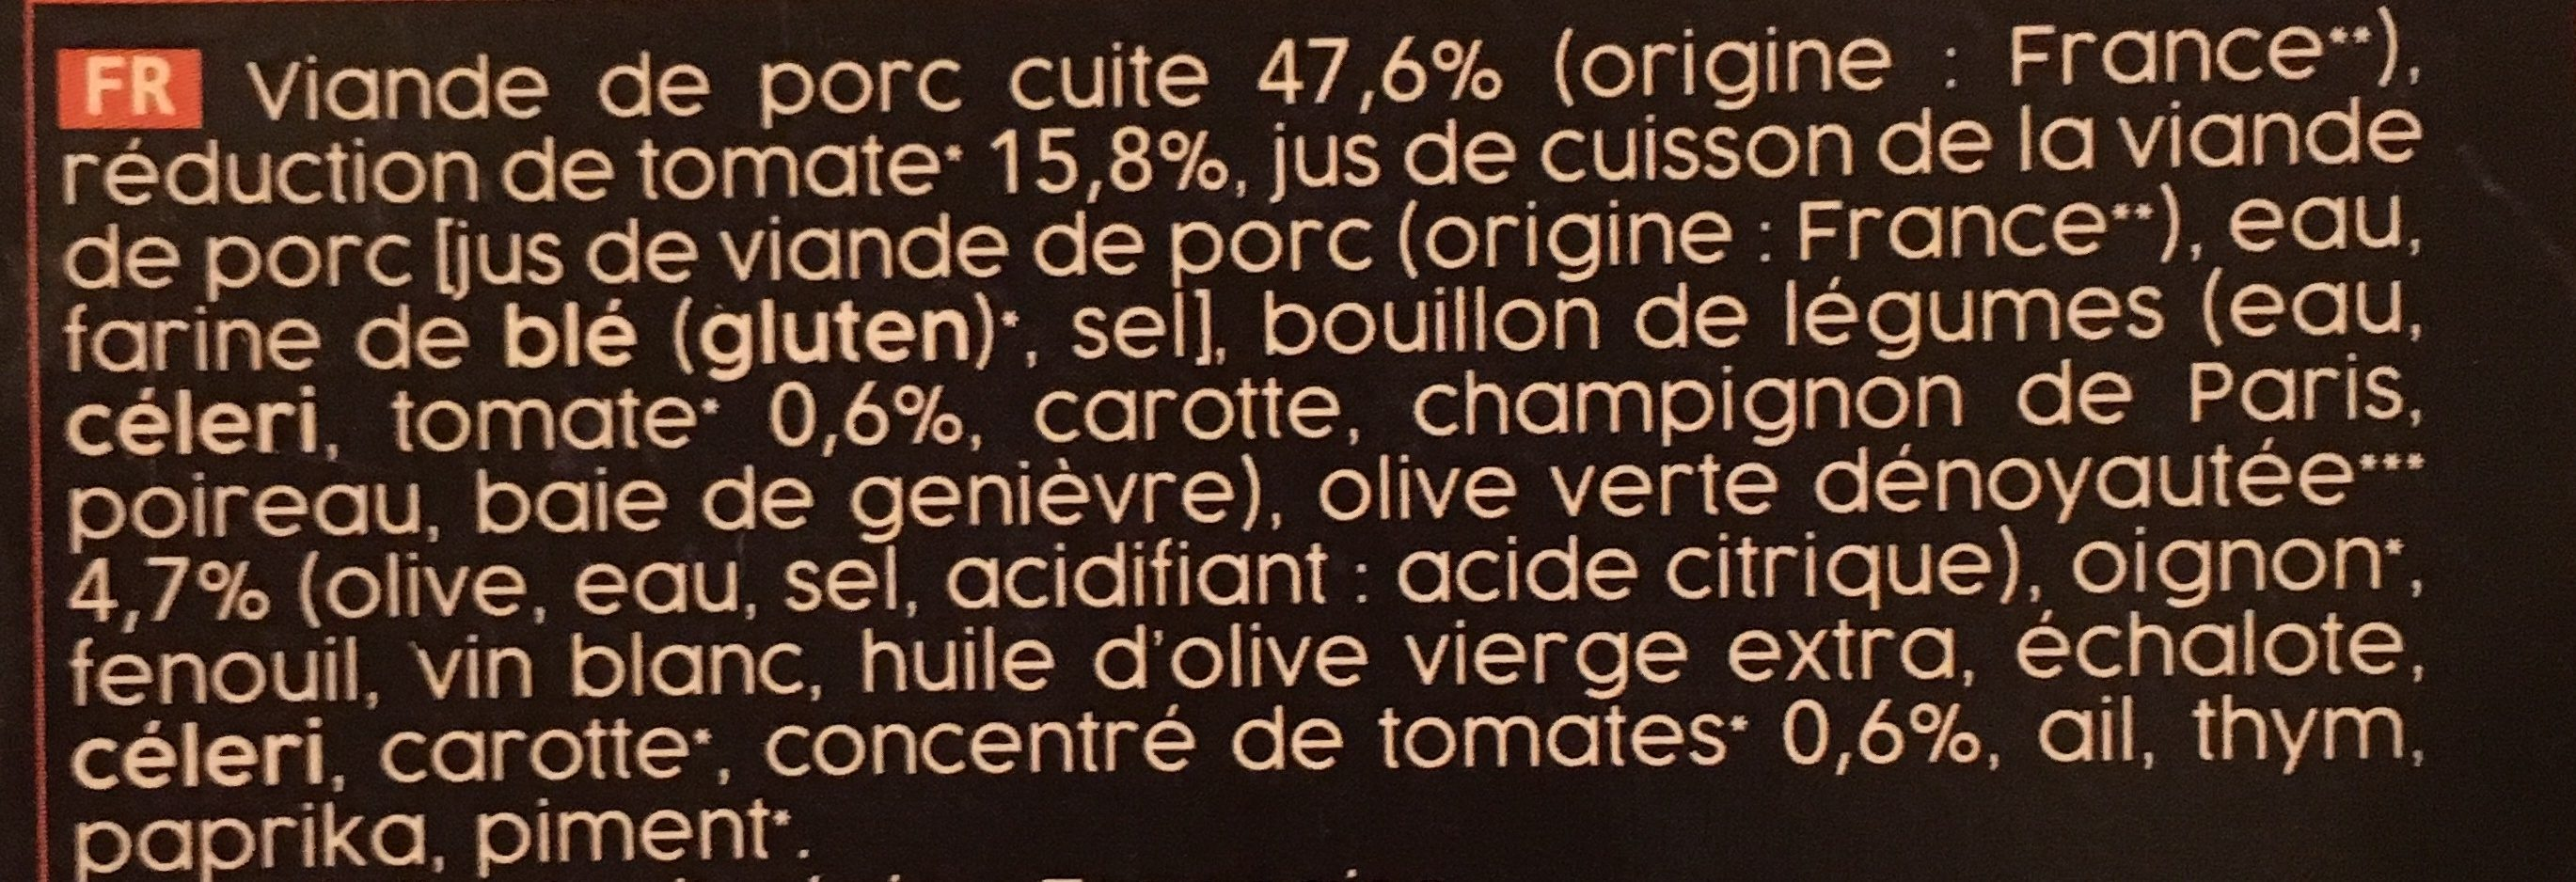 Sauté de Porc à la Tomate et aux Olives - Ingrédients